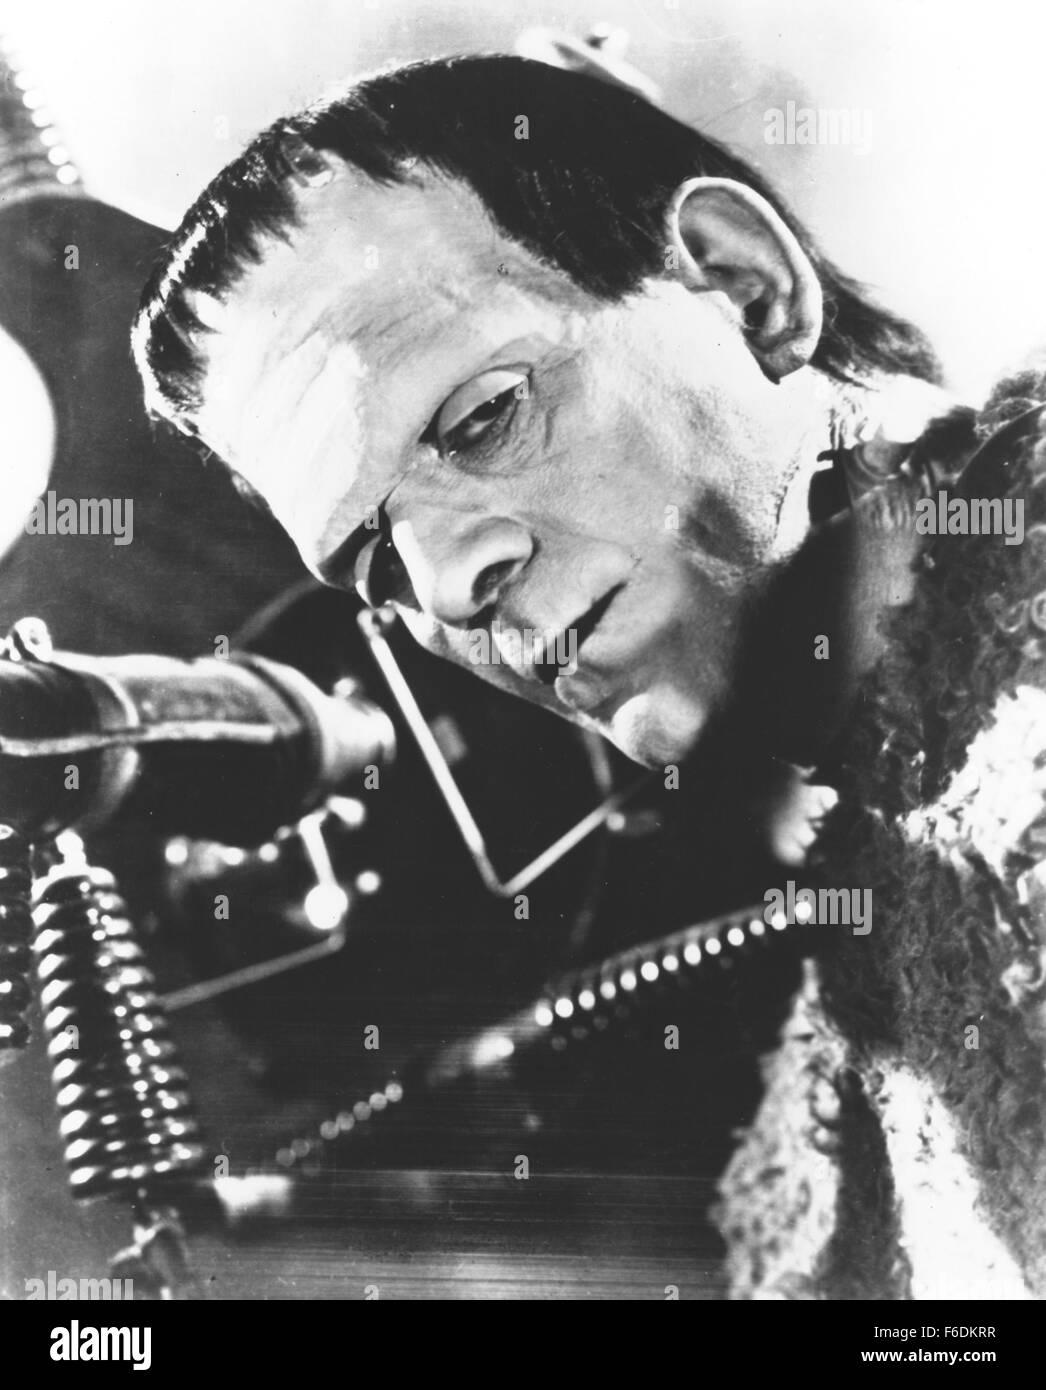 Frankenstein Laboratory Imágenes De Stock & Frankenstein Laboratory ...